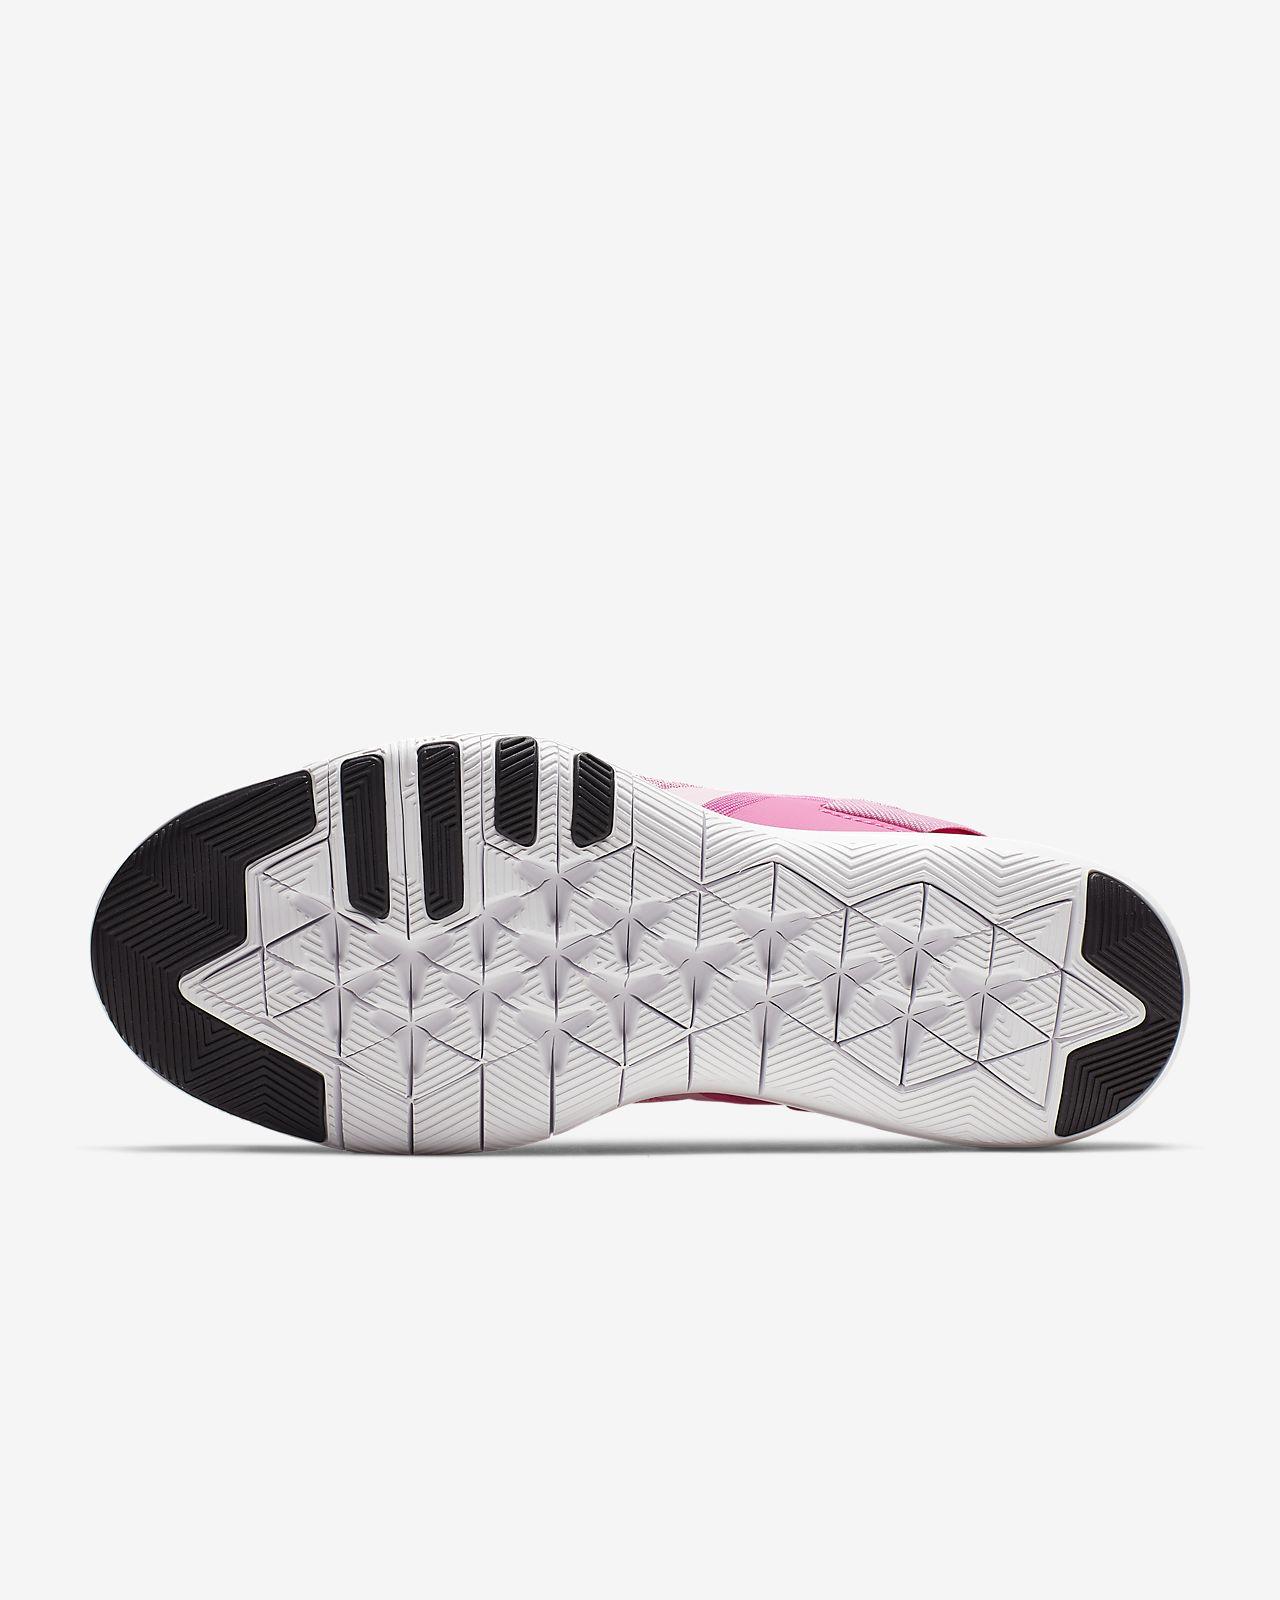 139db986ad5d Nike Flex TR 9 Women s Training Shoe. Nike.com